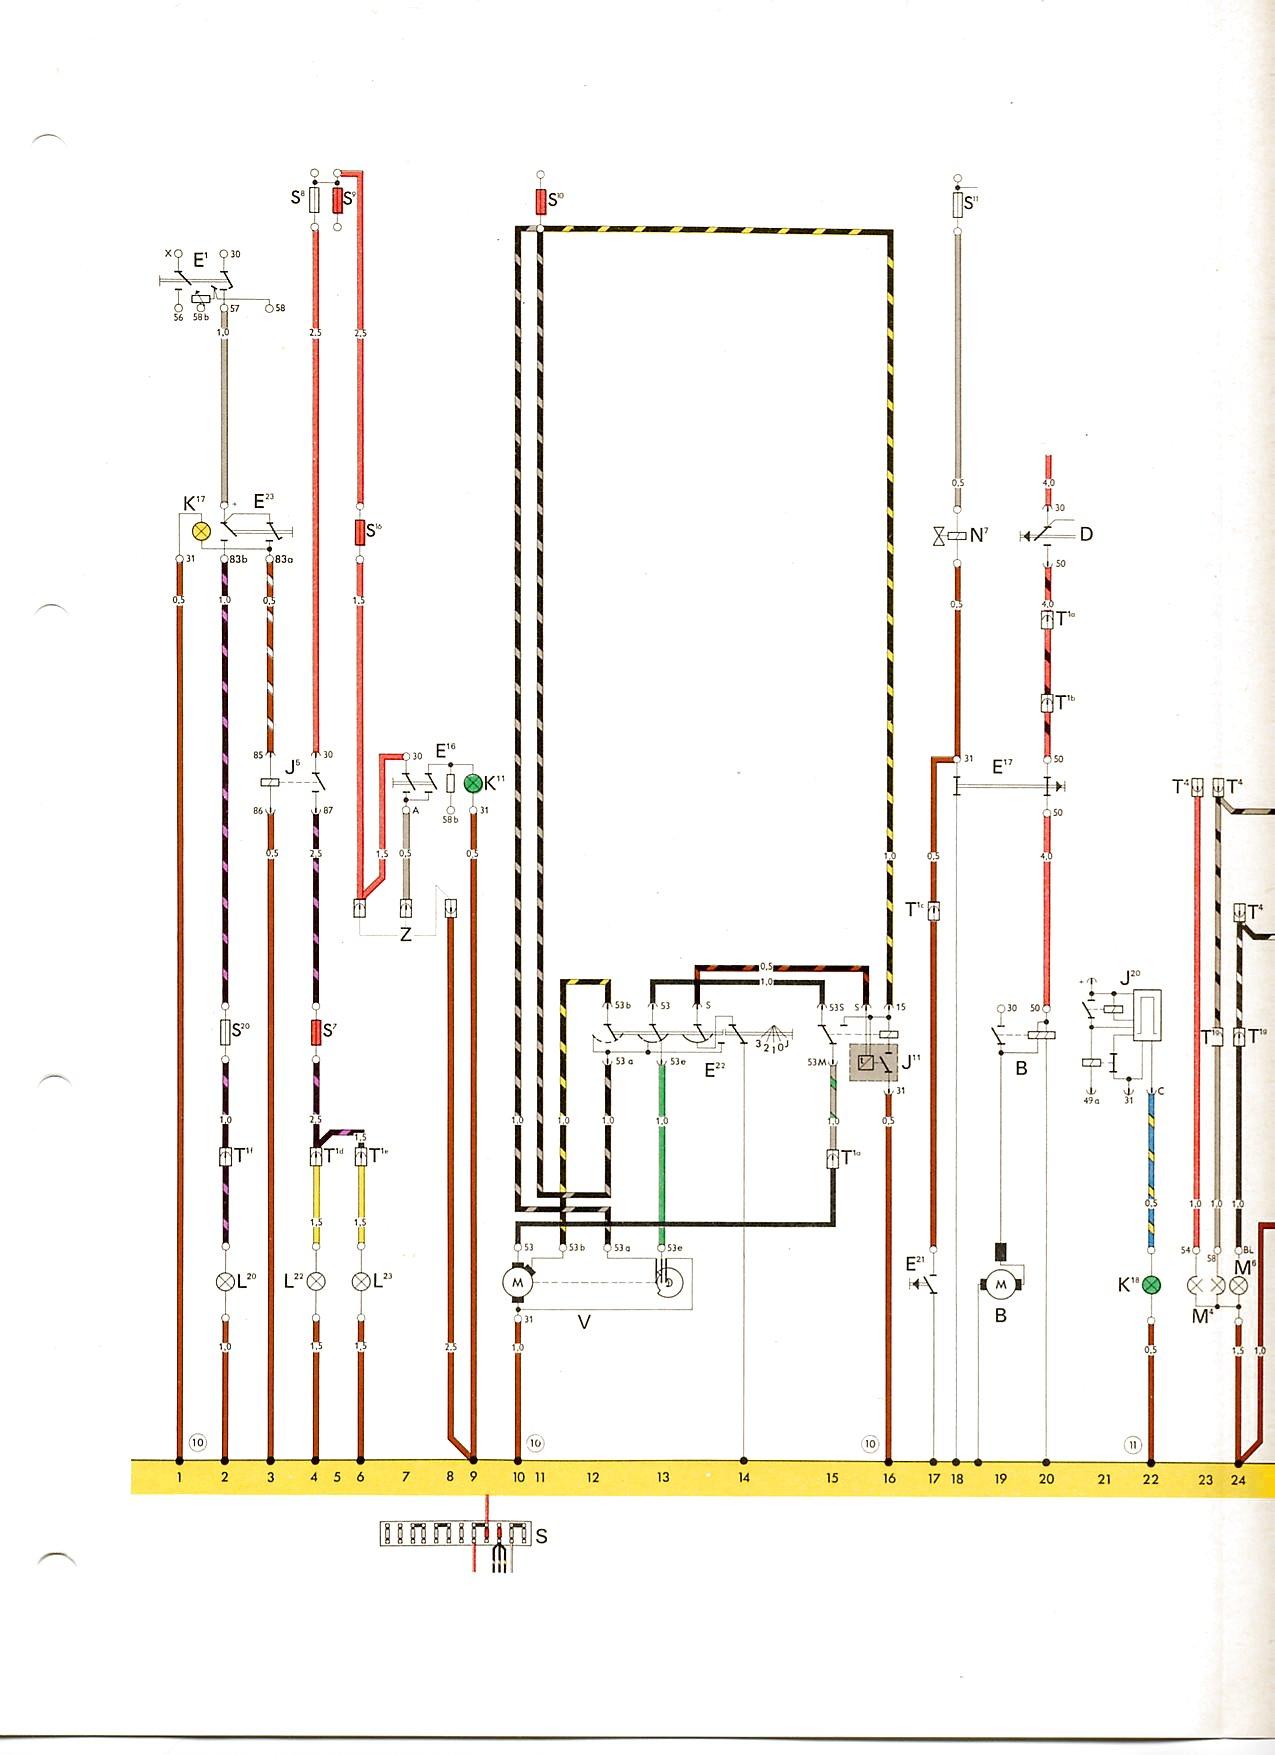 vw caddy wiring diagram 1994 acura integra radio diagrams fuel pump